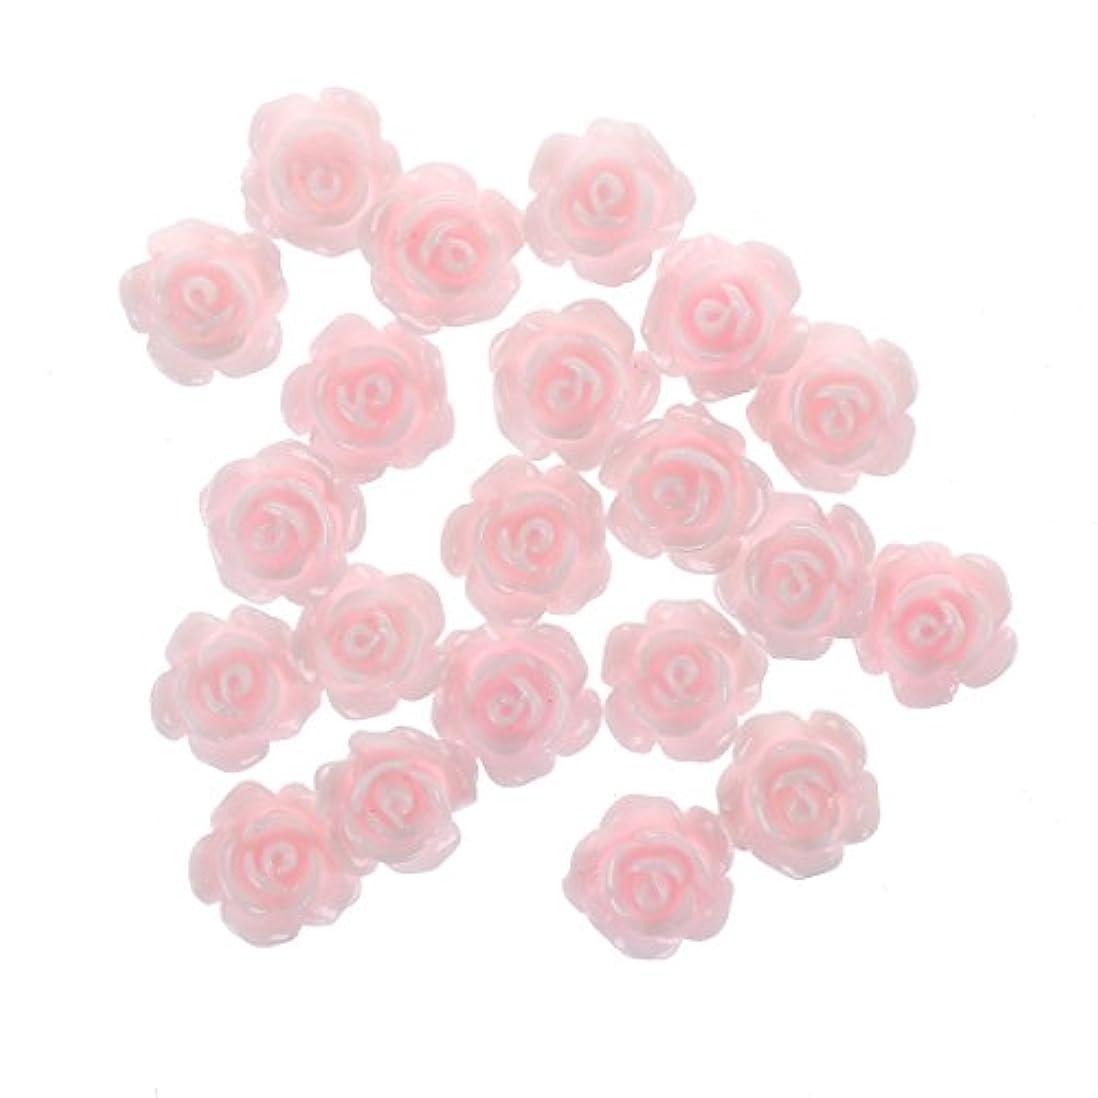 税金ゴールデンエイリアスNrpfell 20x3Dピンクの小さいバラ ラインストーン付きネイルアート装飾